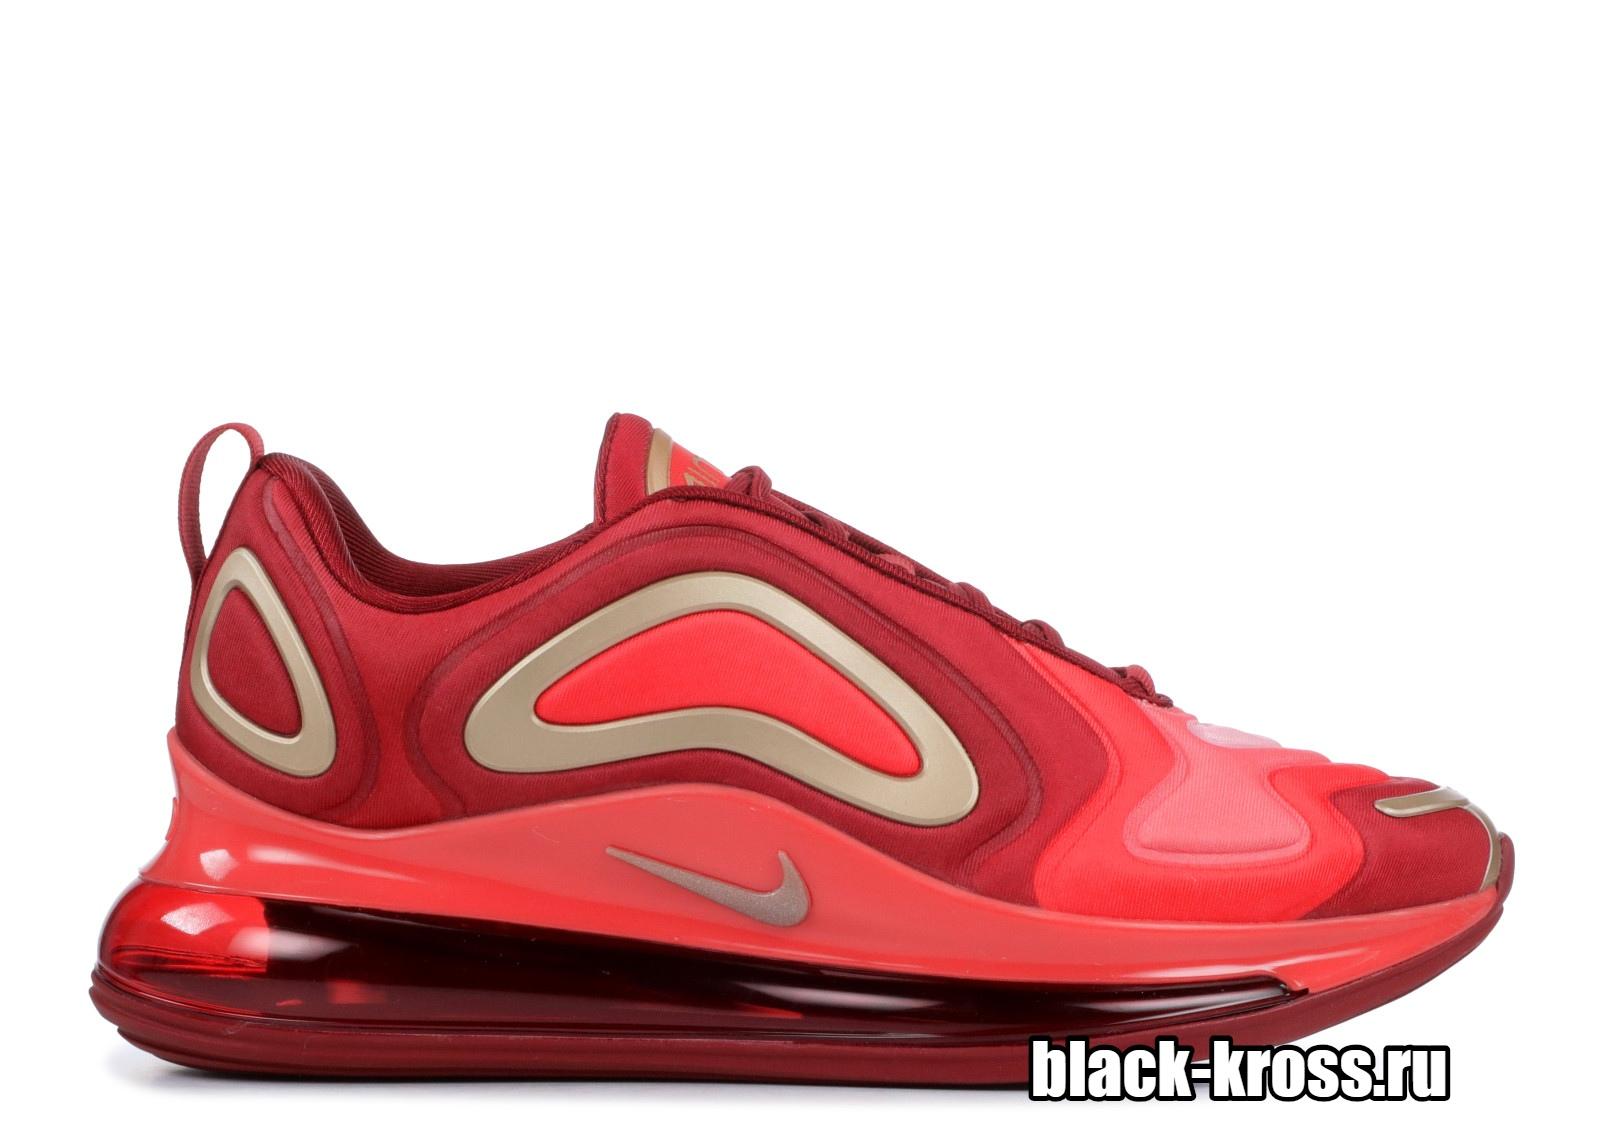 Nike Air Max 720 Red (36-40)